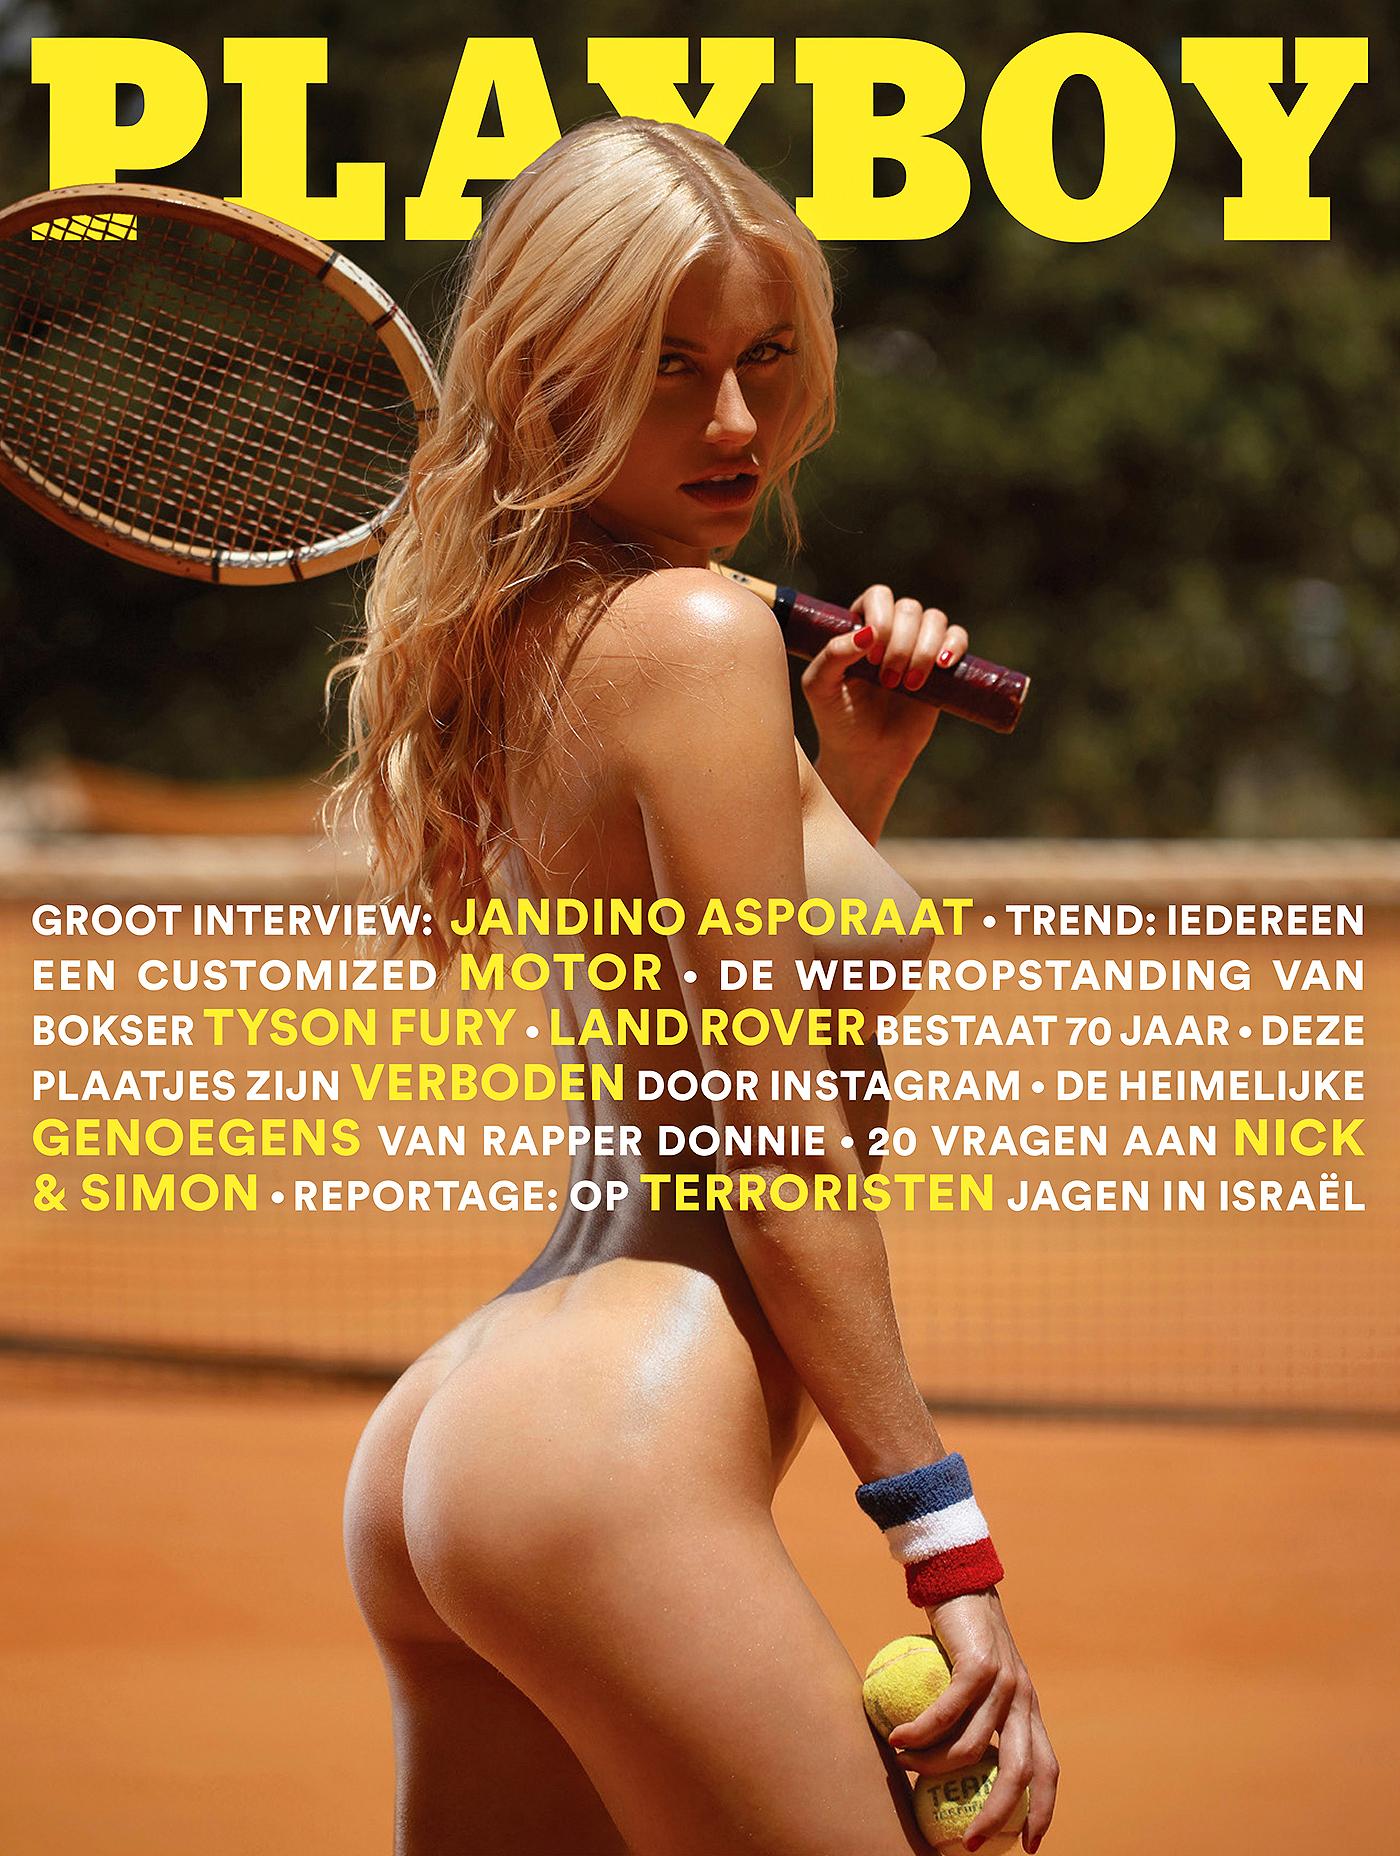 Playboy cover by Ana Dias with model Olga De Mar